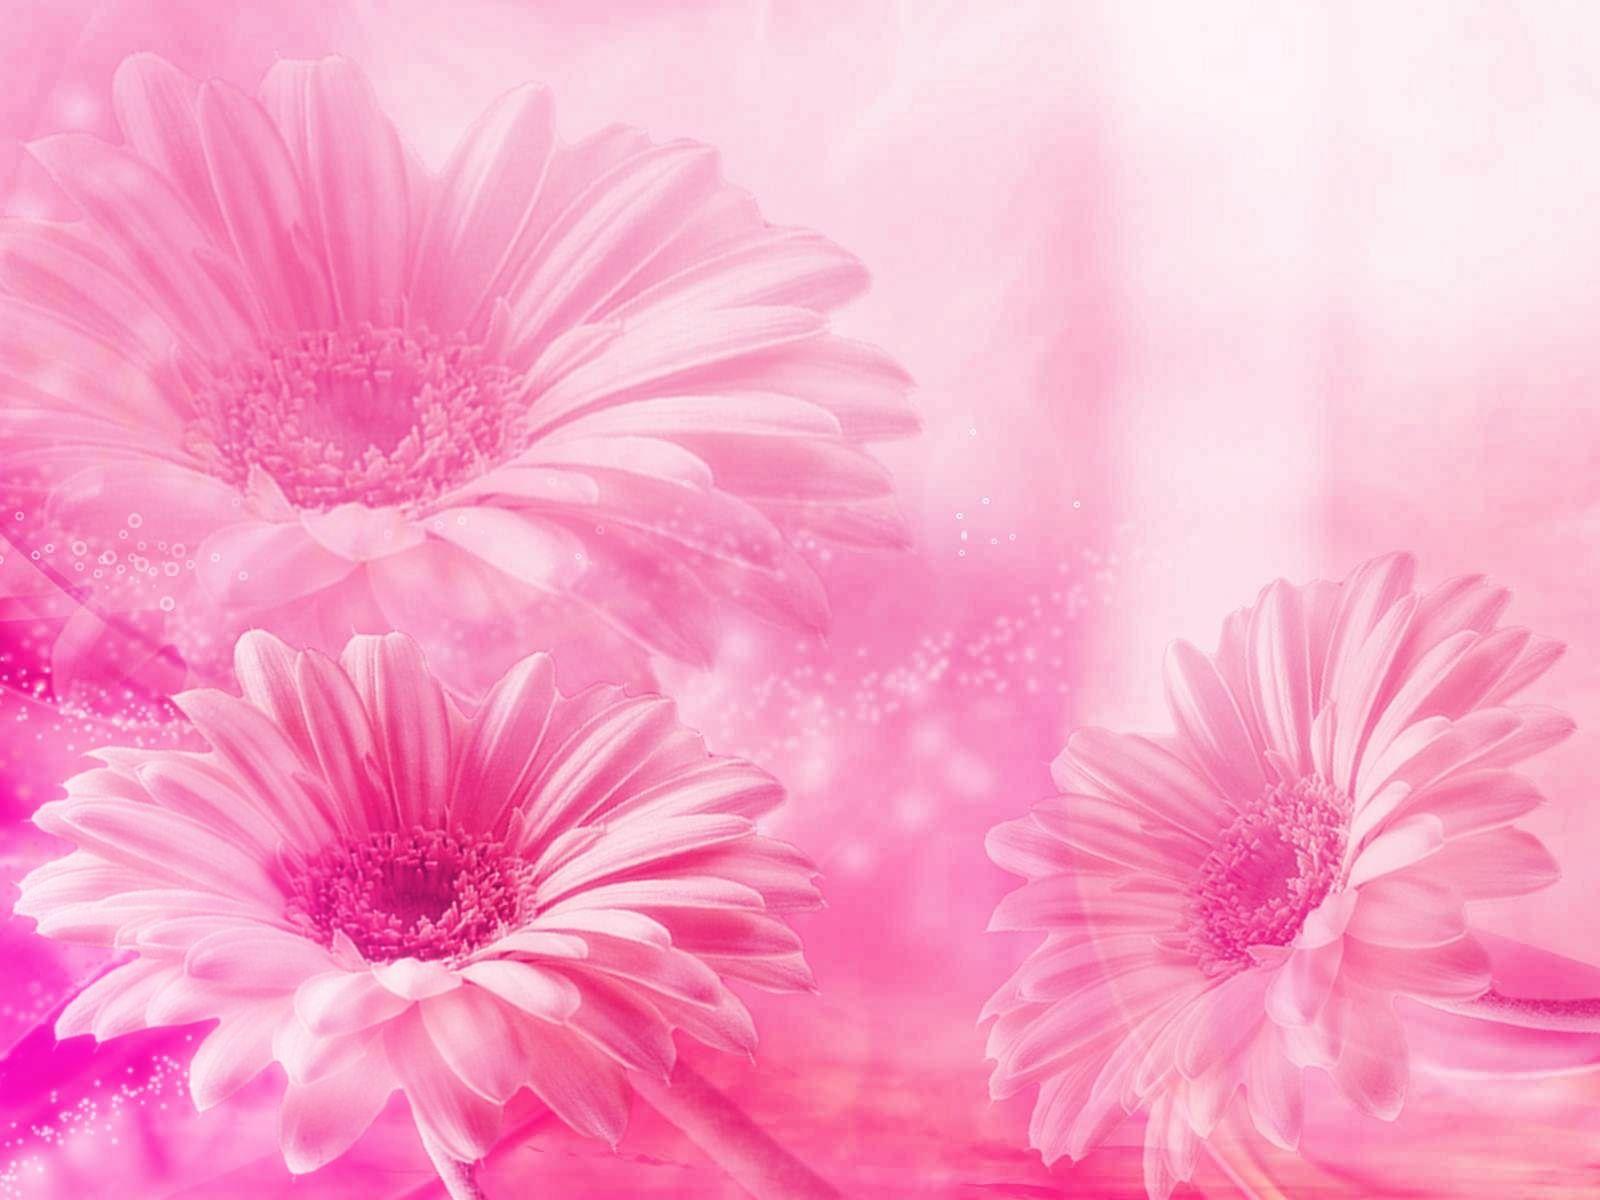 Fondos De Flores Pastel